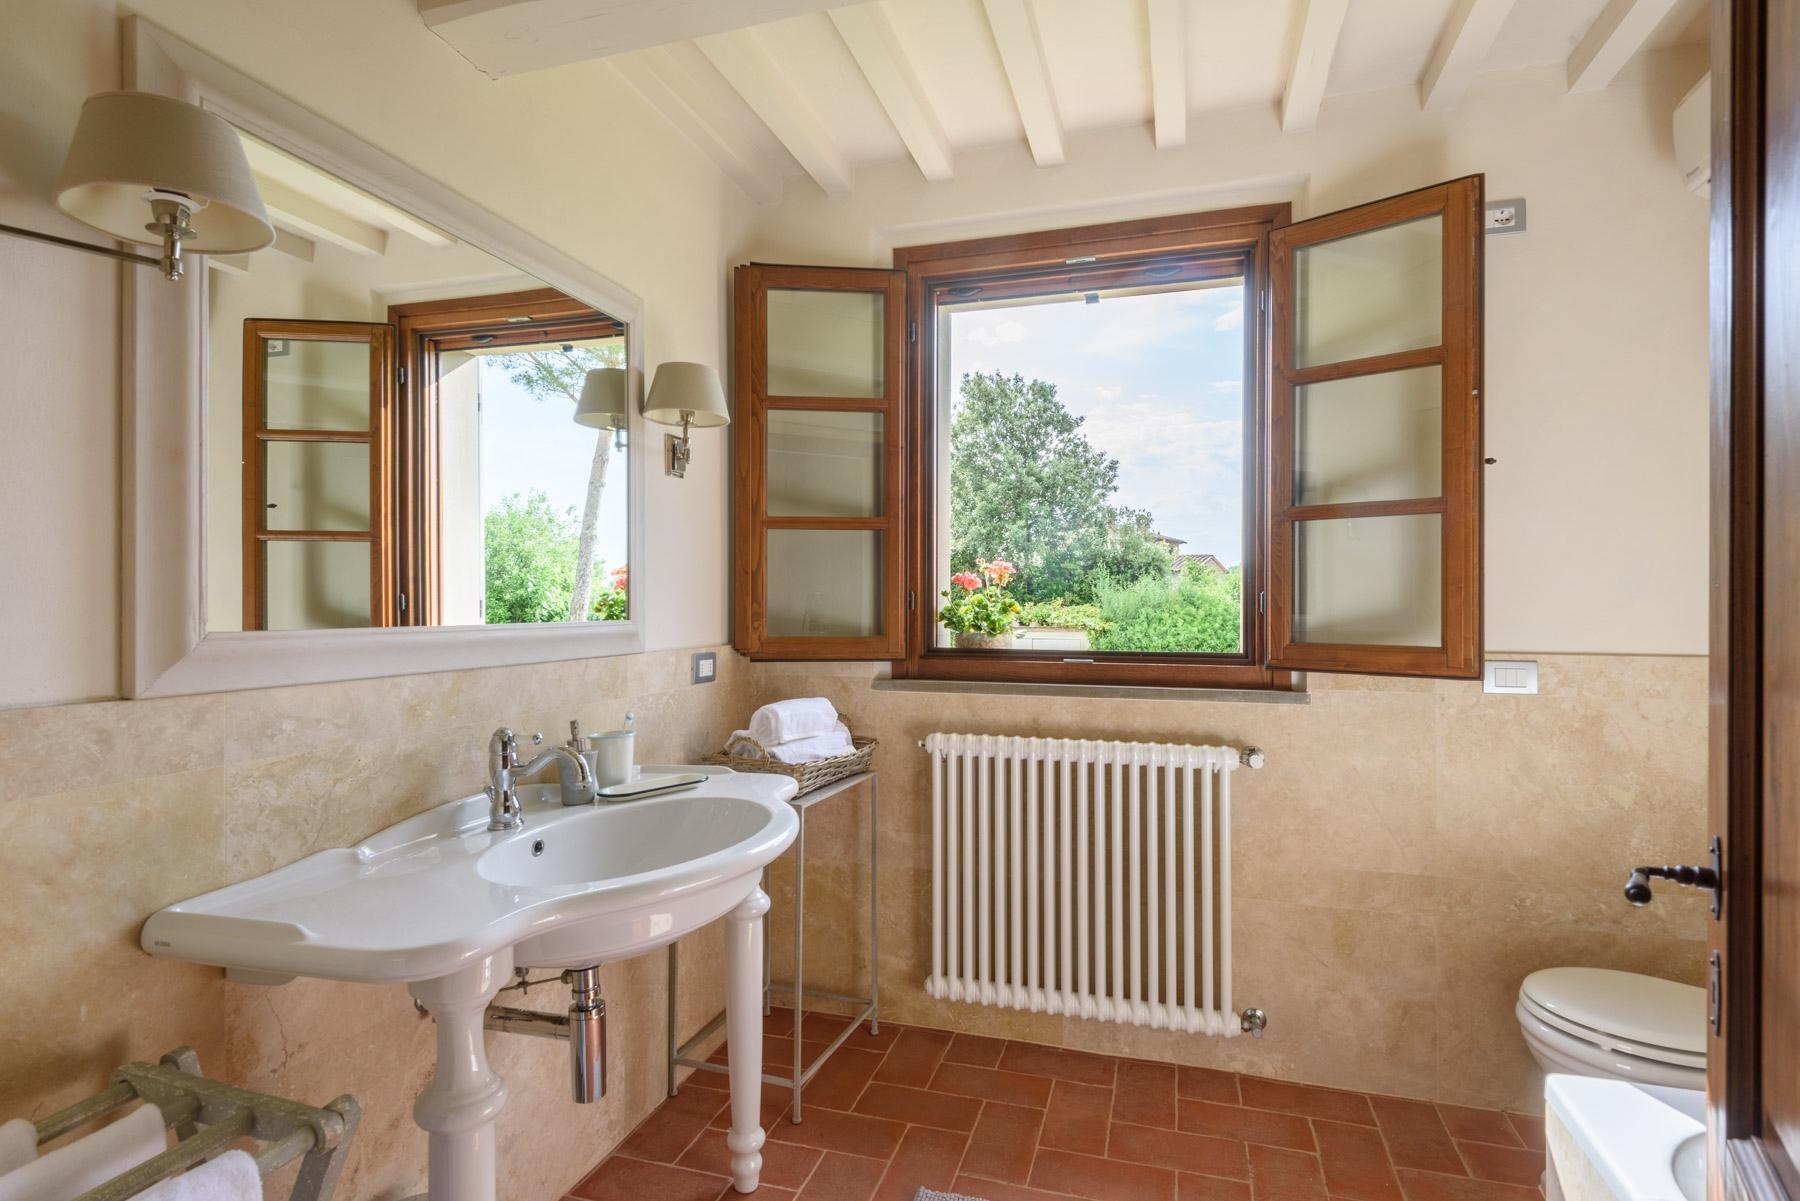 Villa in Vendita a Cortona: 5 locali, 246 mq - Foto 23